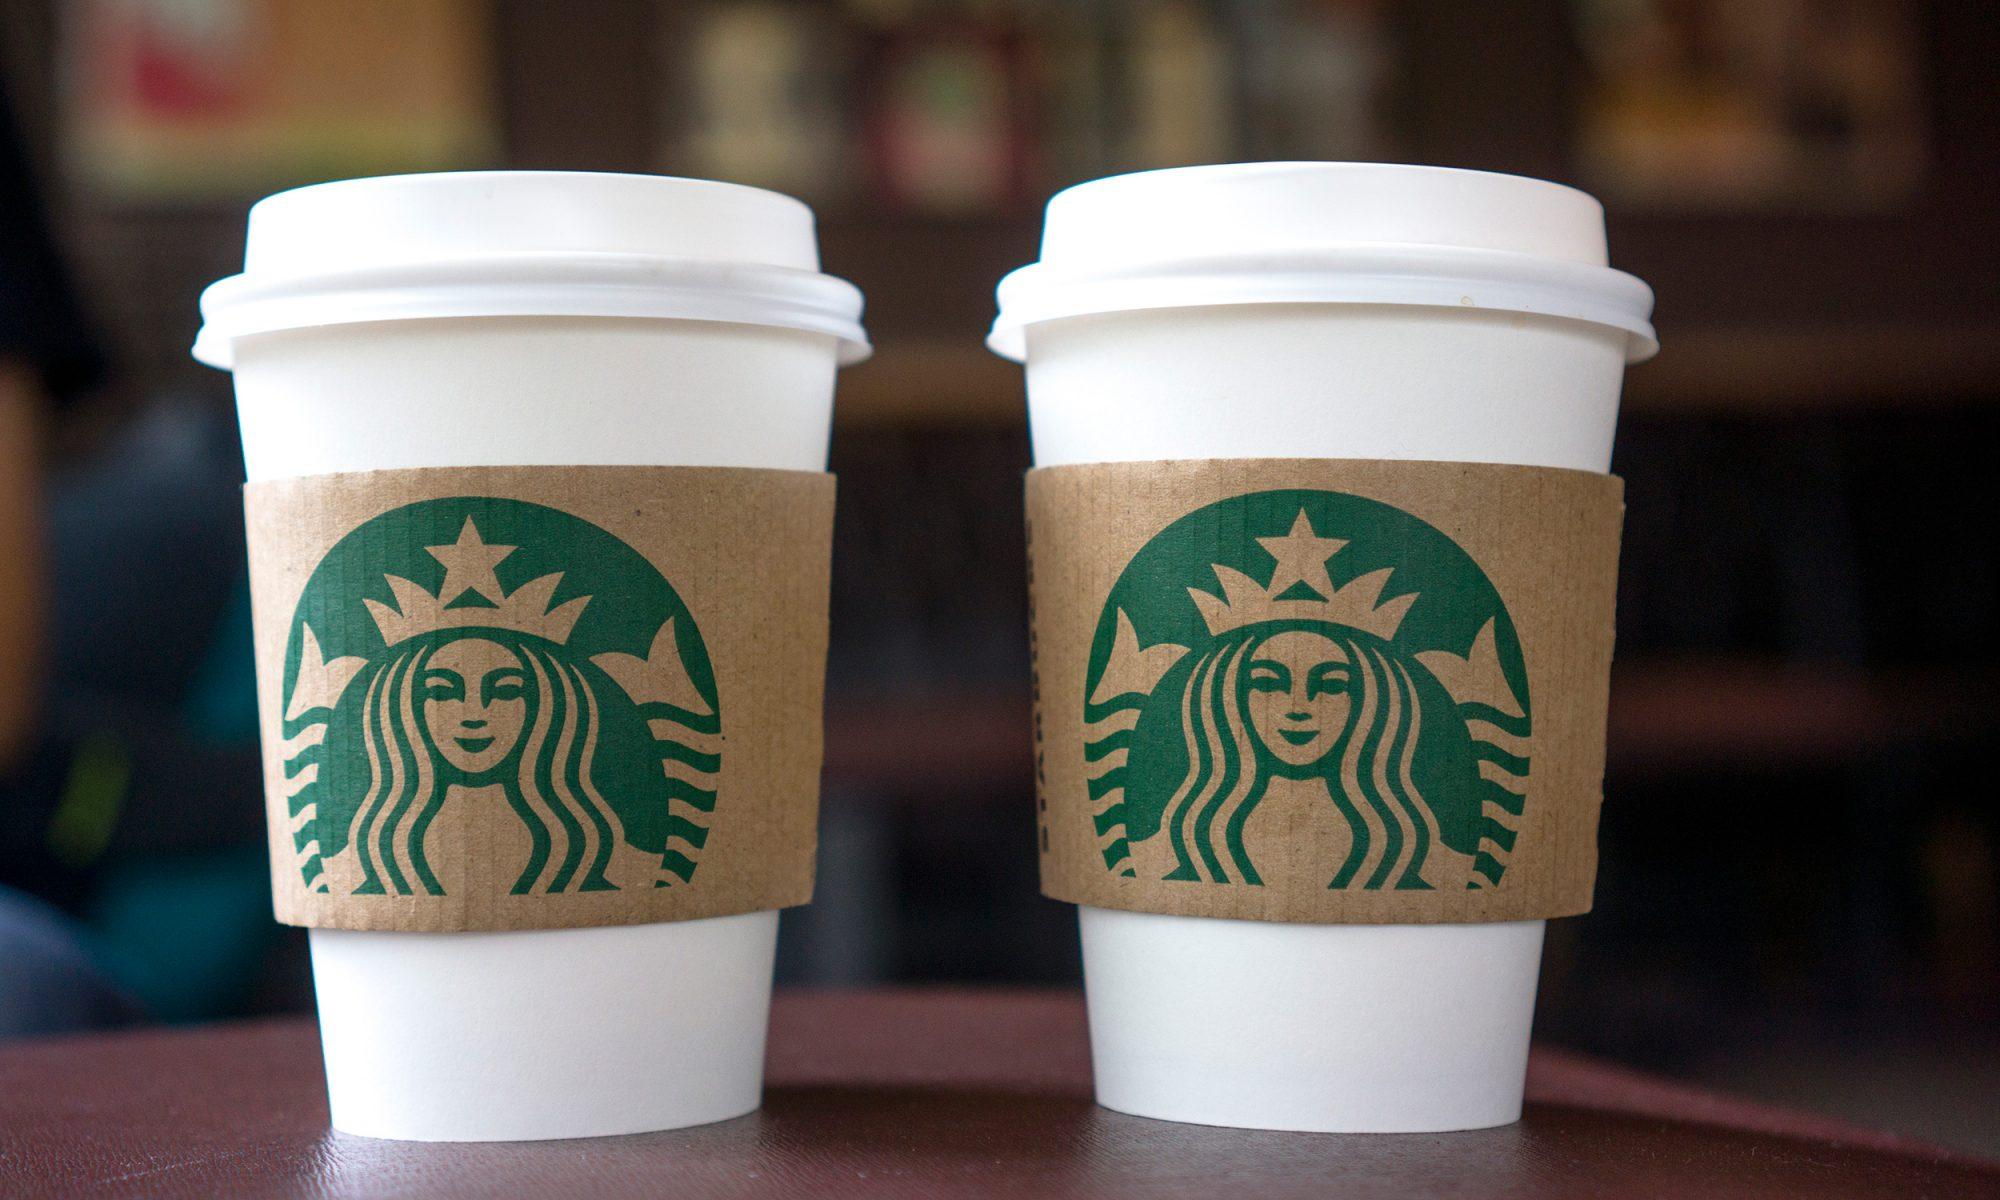 EC: Thief Robs the Same NYC Starbucks Again and Again